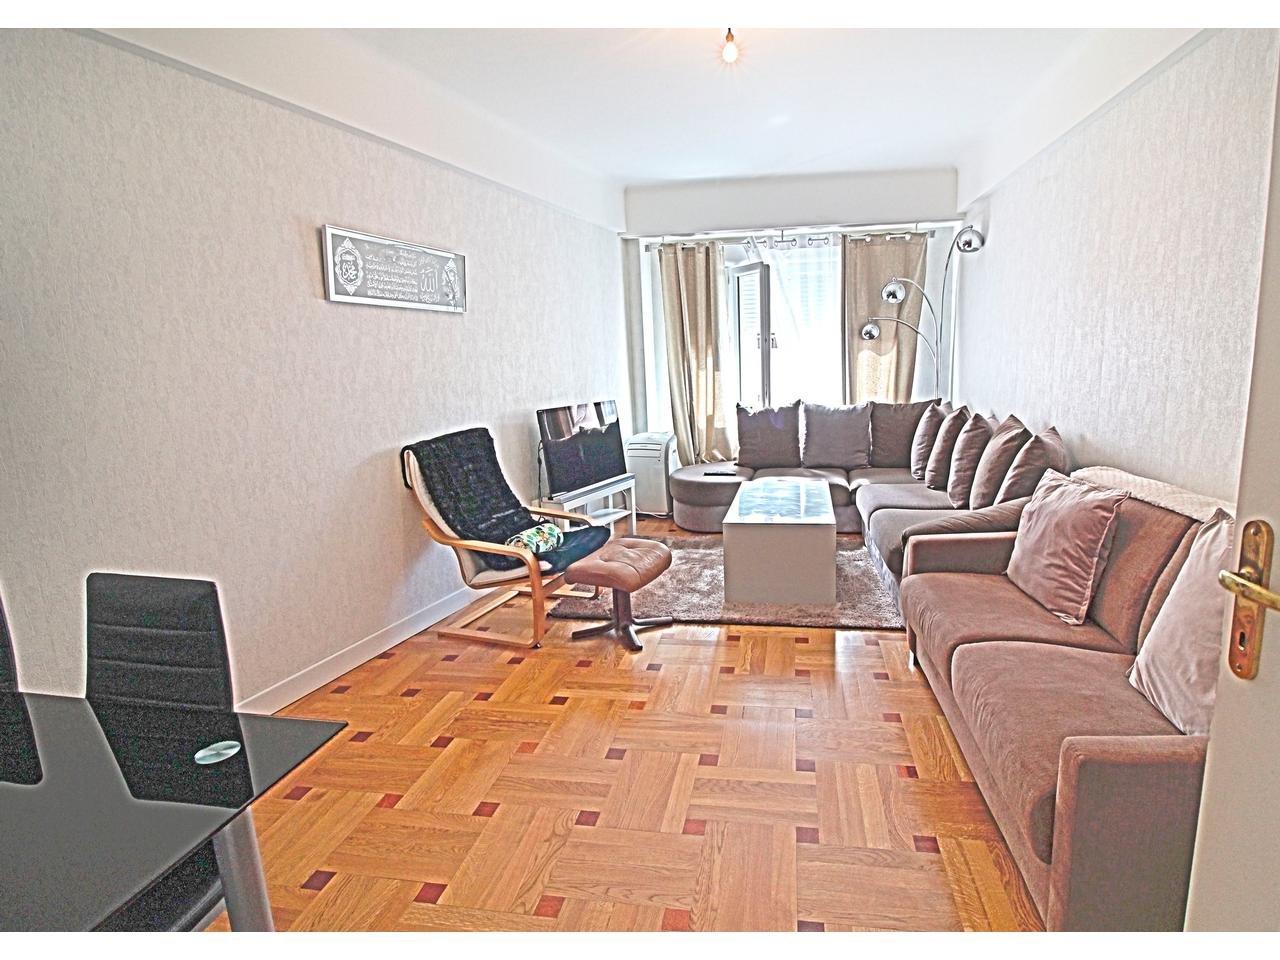 Appartement  2 Pièce(s) 54 m²  à vendre